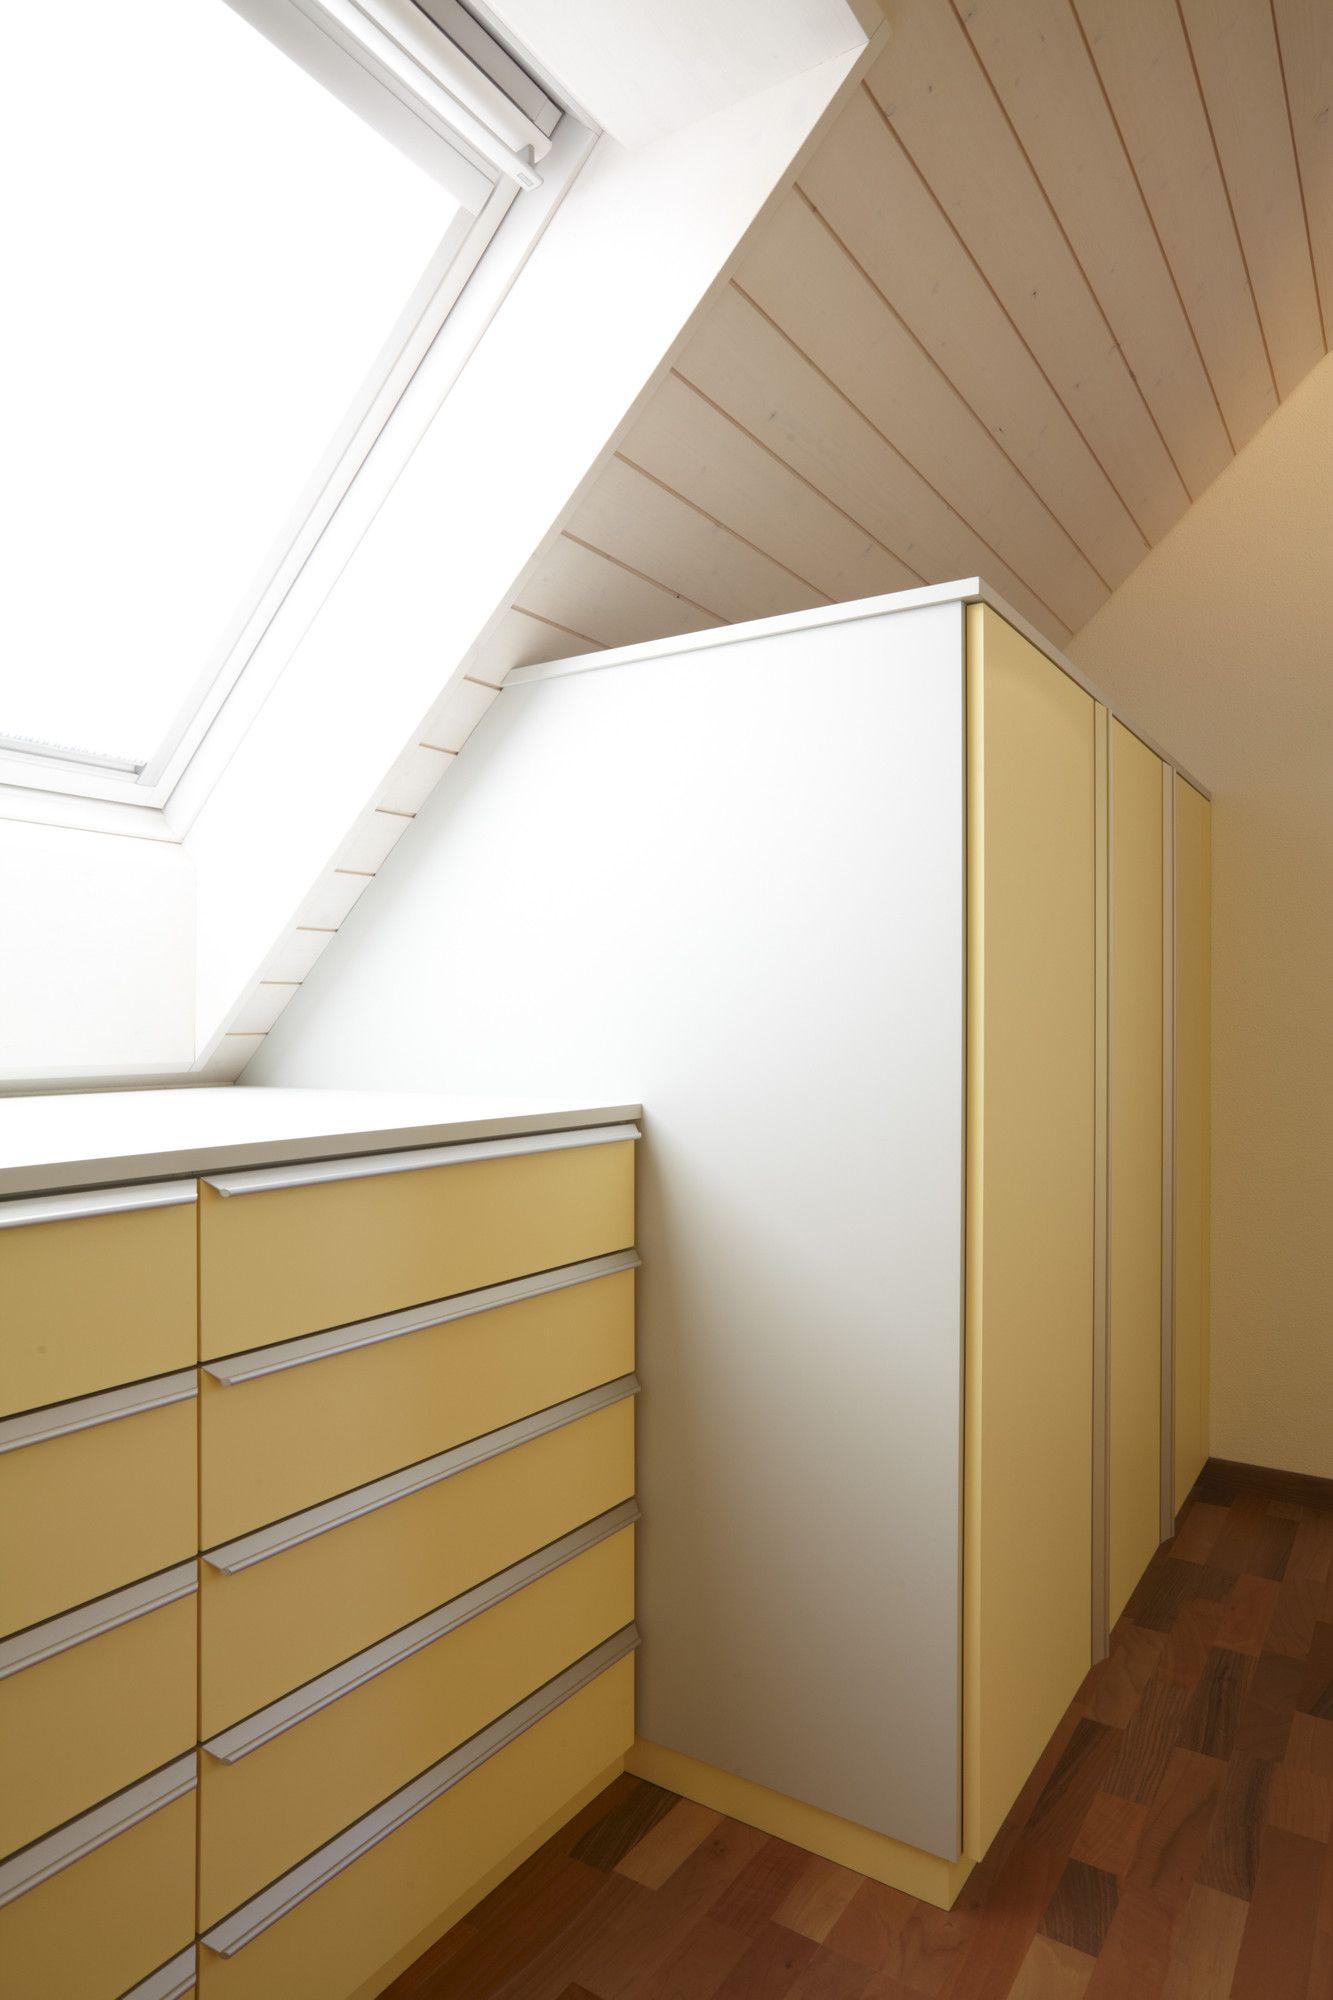 Wunderbar Schrank In Dachschräge, Schubladen In Dachschräge Unter Dachfenster, Front  In Gelb, Griffleiste In Aluminium